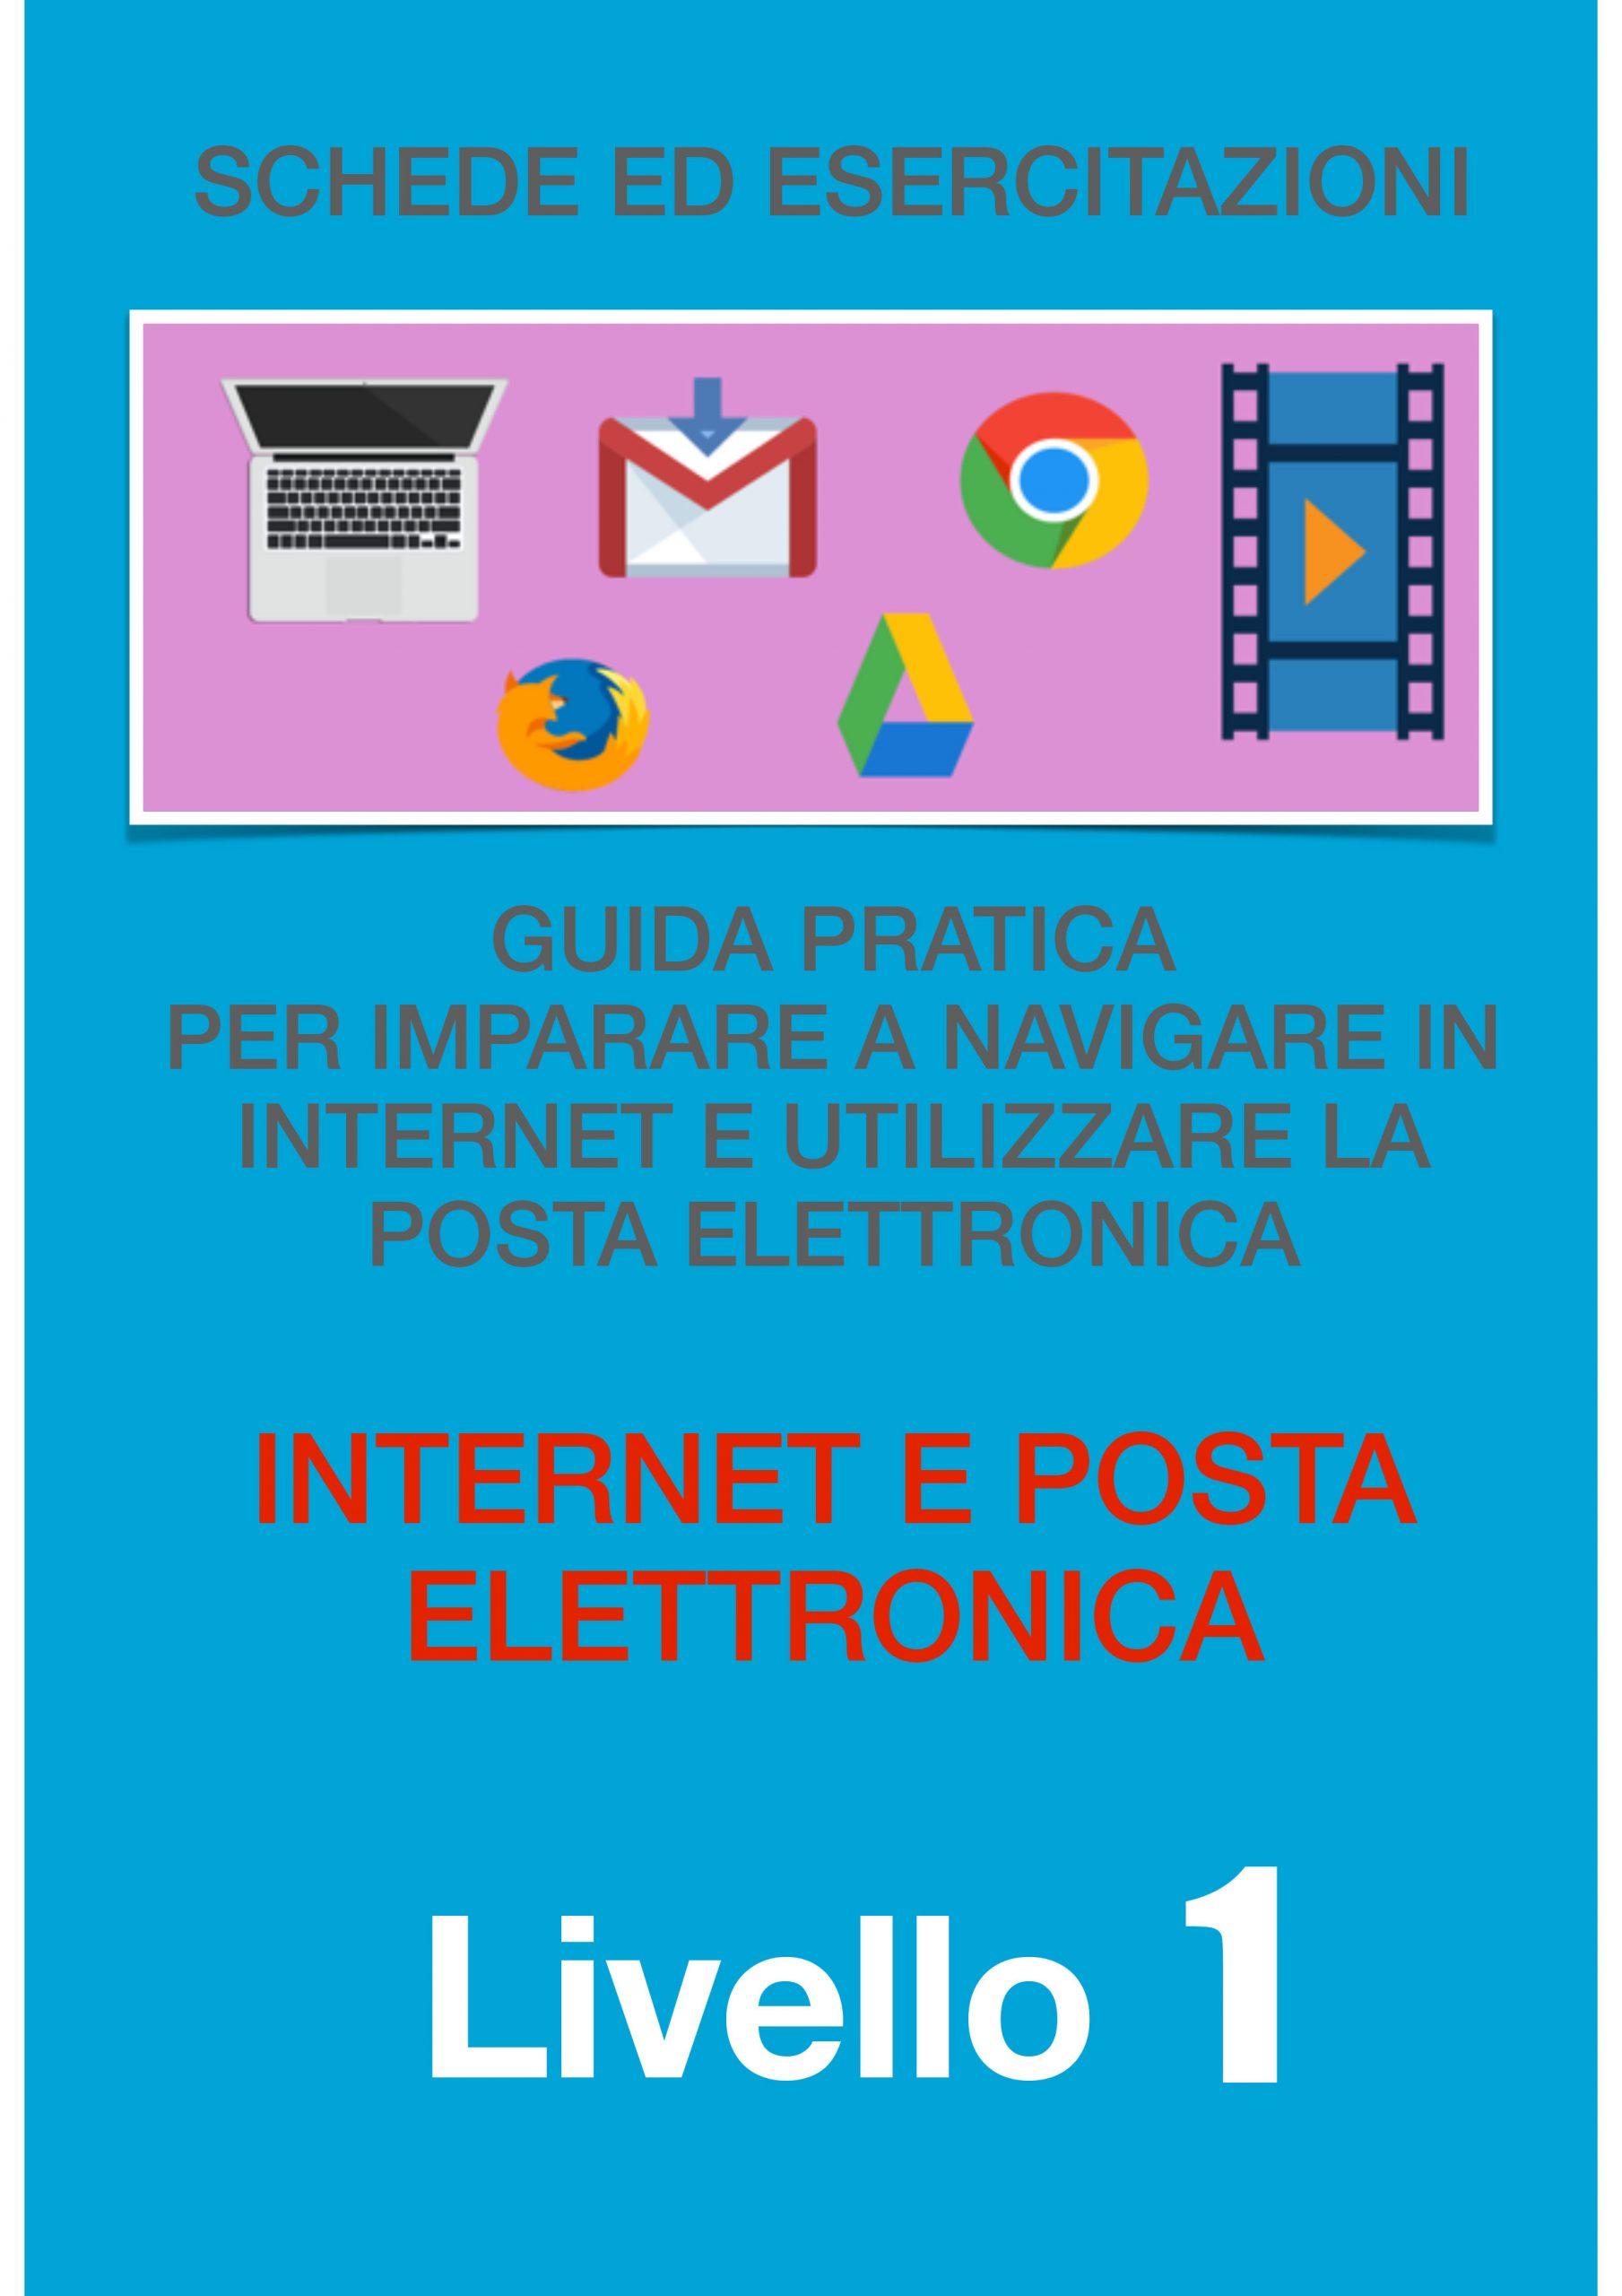 Internet e posta elettronica